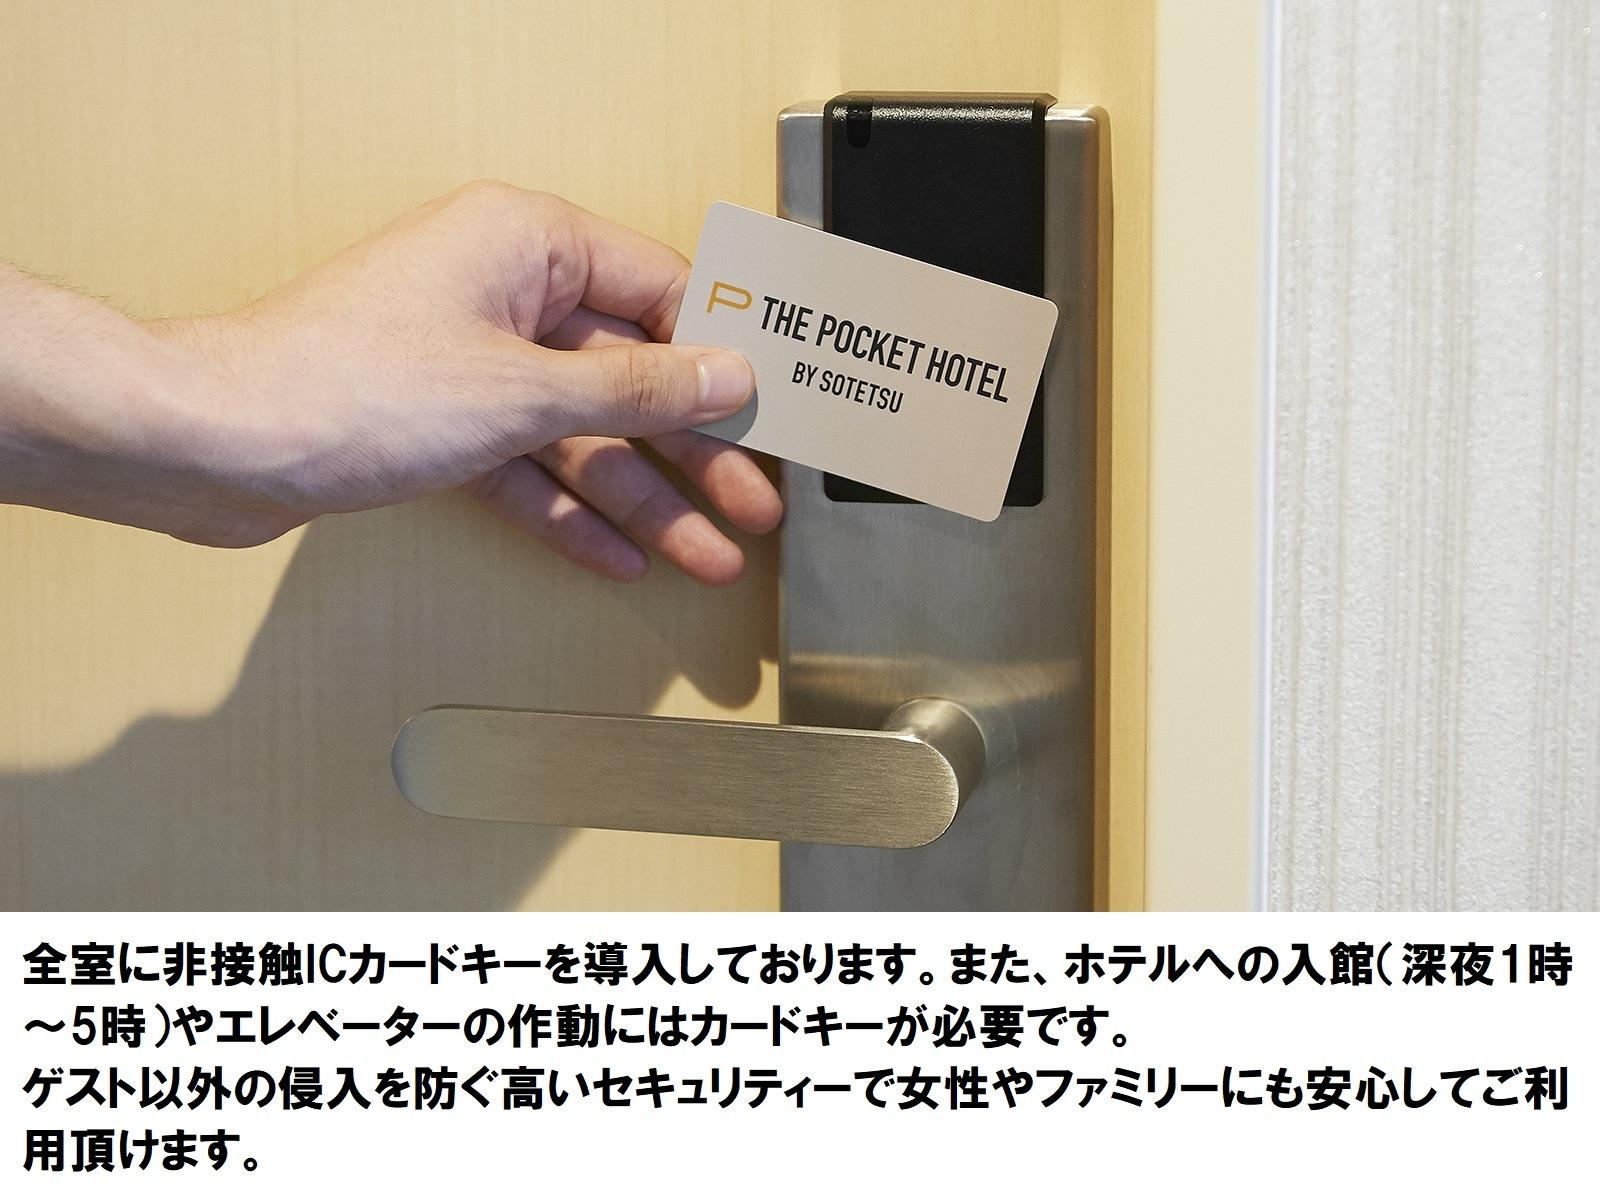 ザ・ポケットホテル 京都烏丸五条 / 『女性専用/12時アウト』POCKET スタンダードプラン